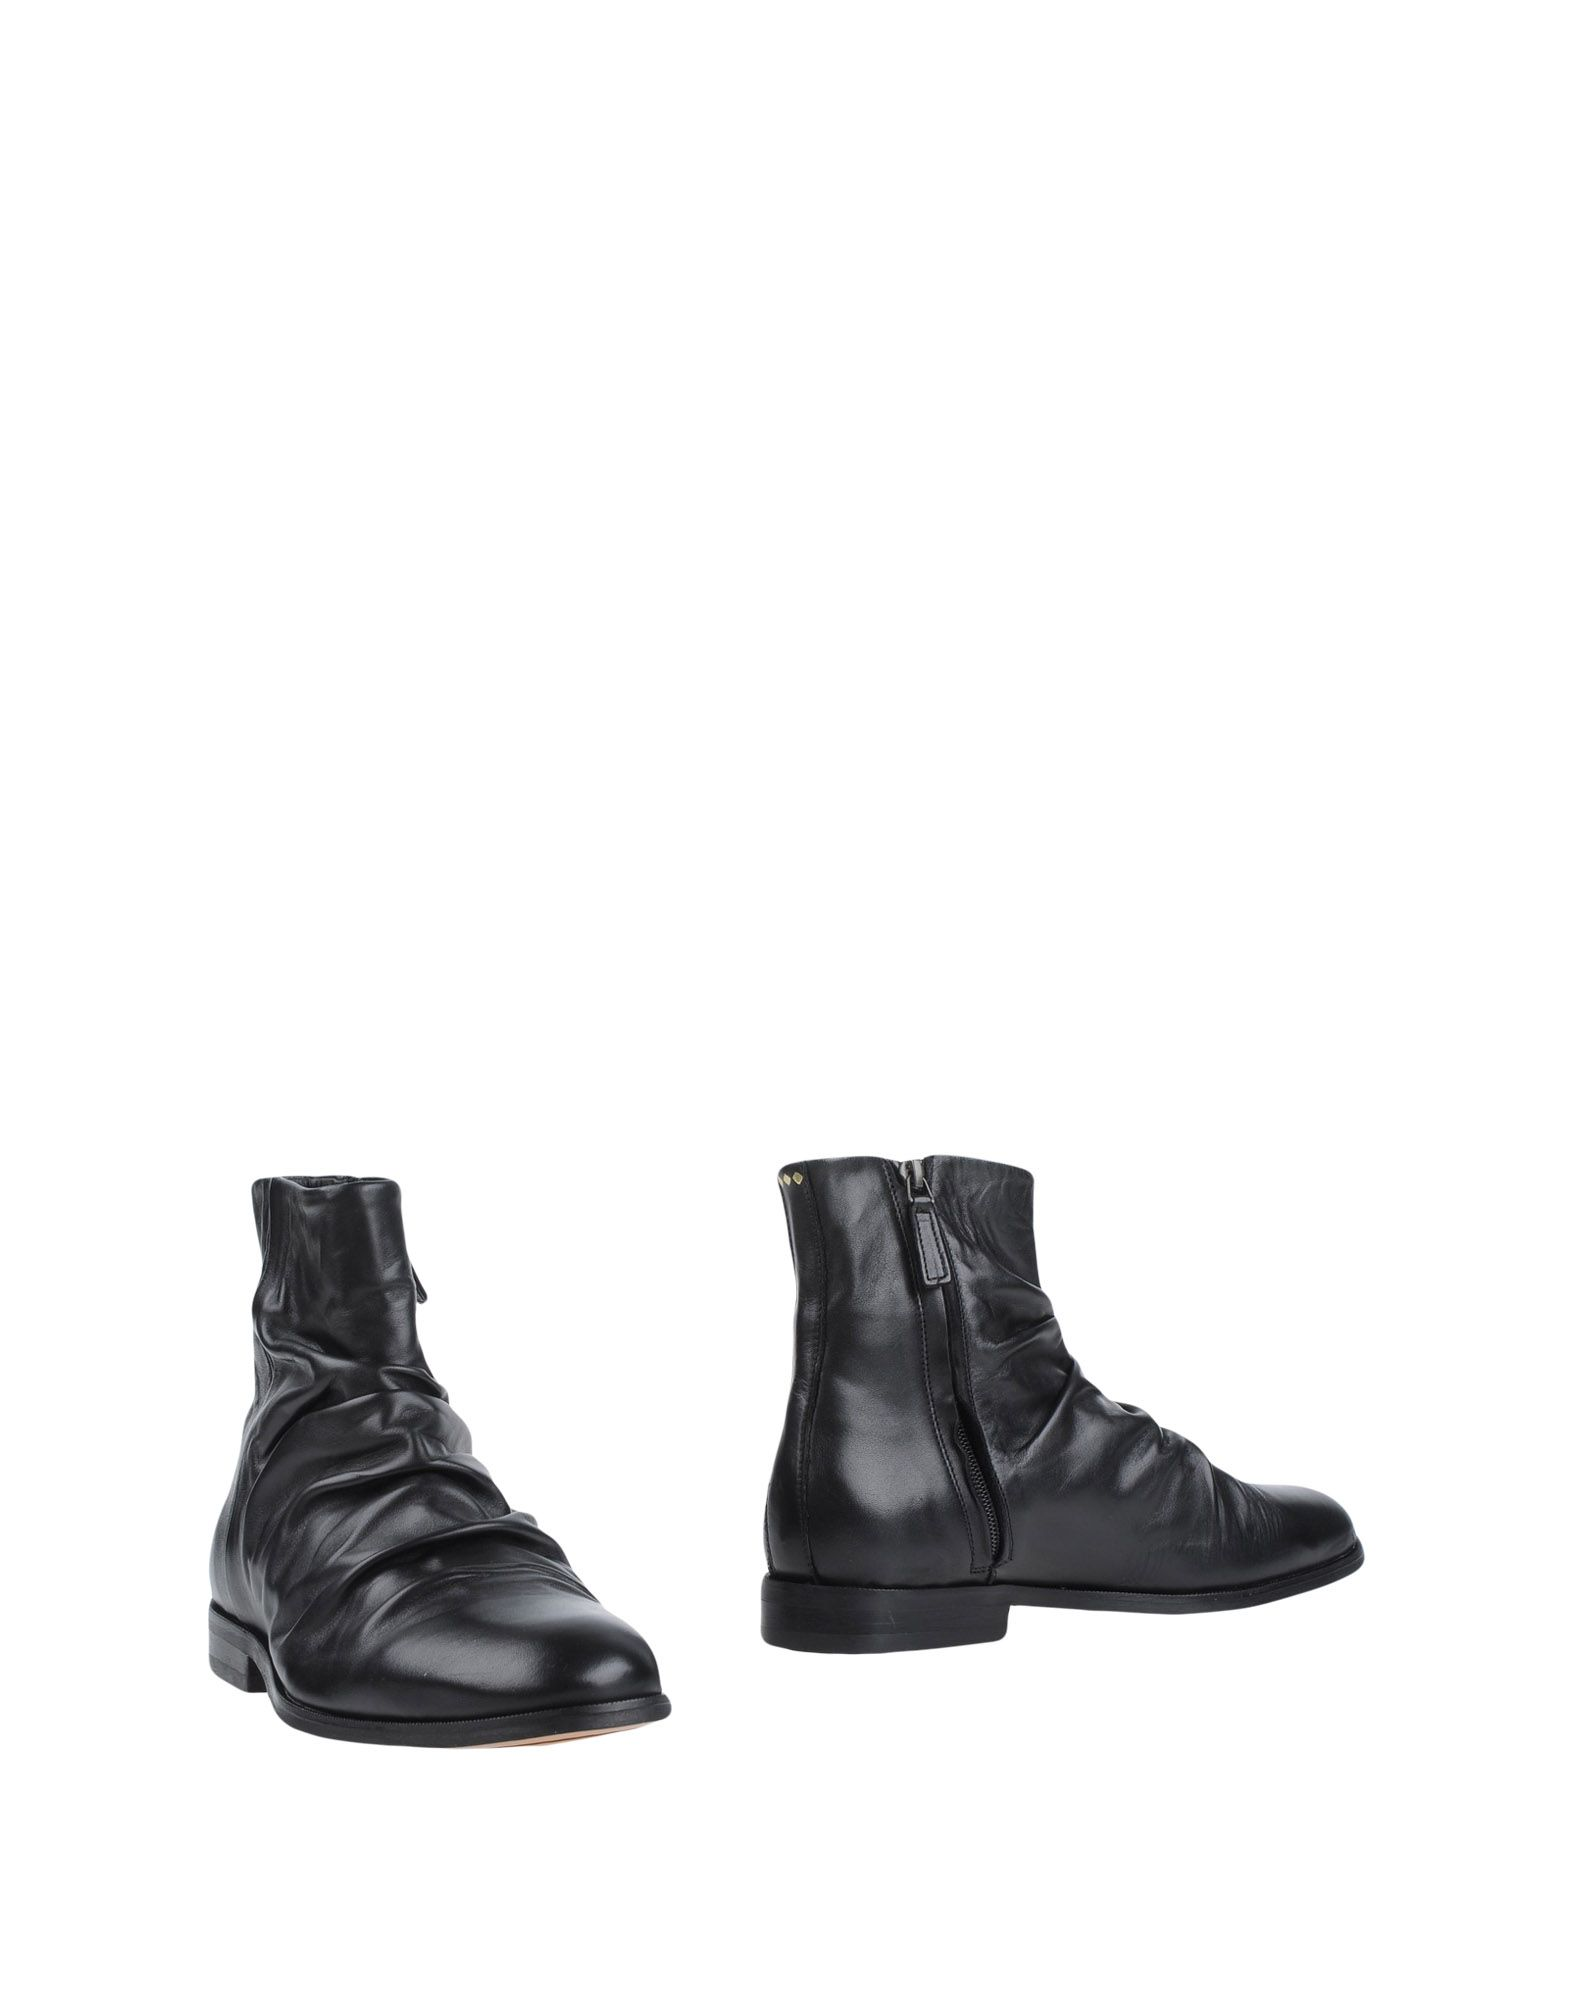 Royal Republiq Stiefelette Herren  11319701QL Gute Qualität beliebte Schuhe